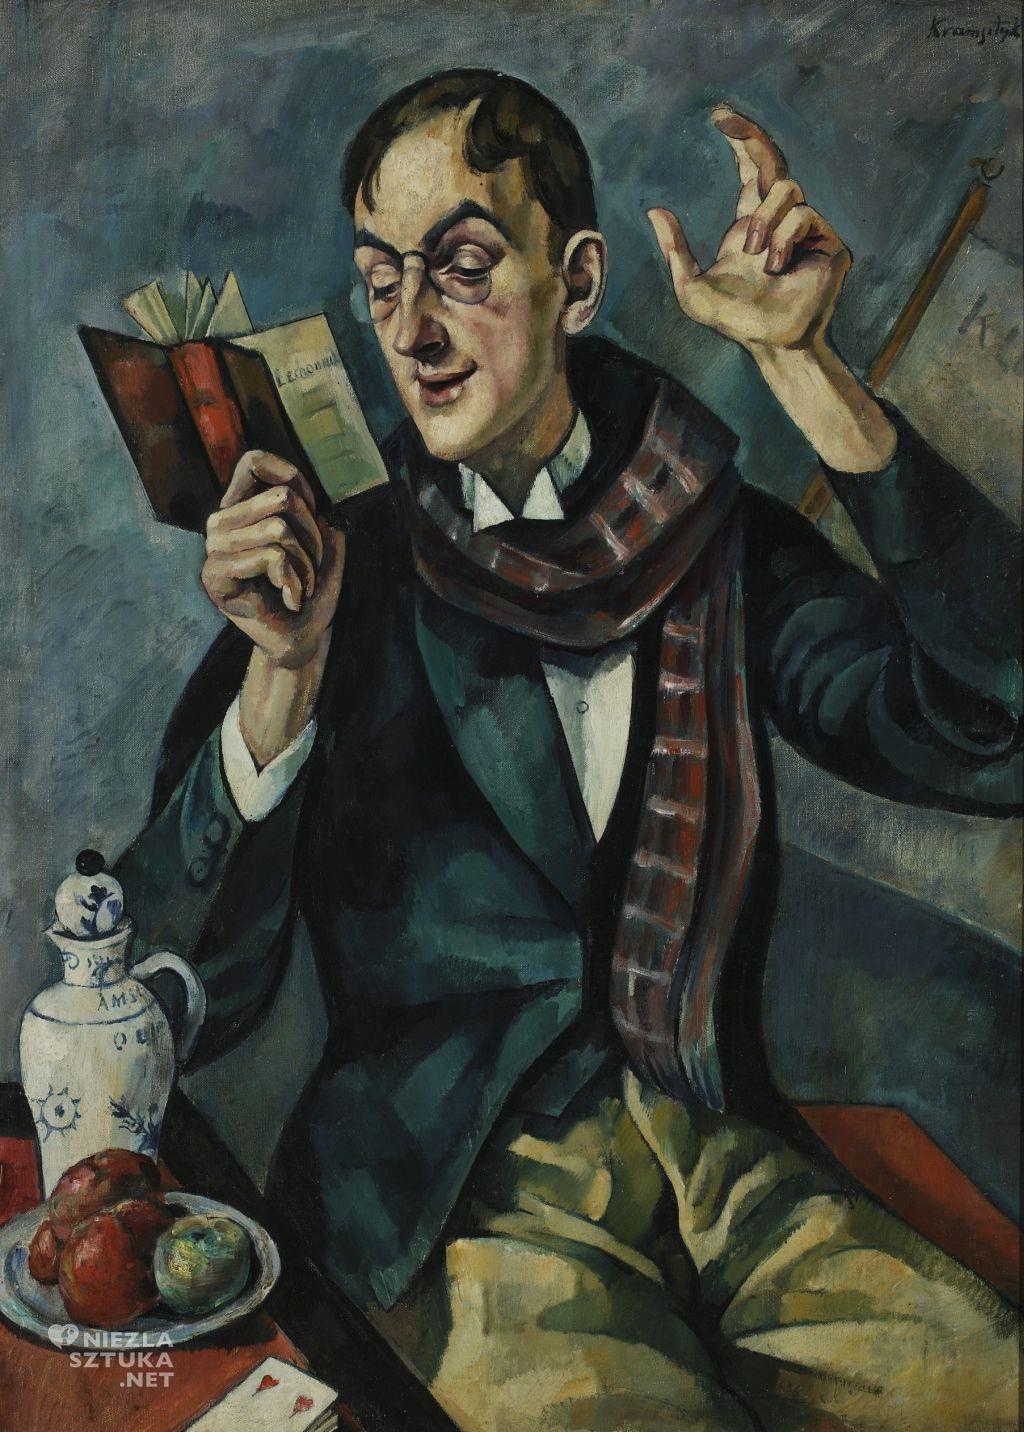 Roman Kramsztyk, Portret poety Jana Lechonia